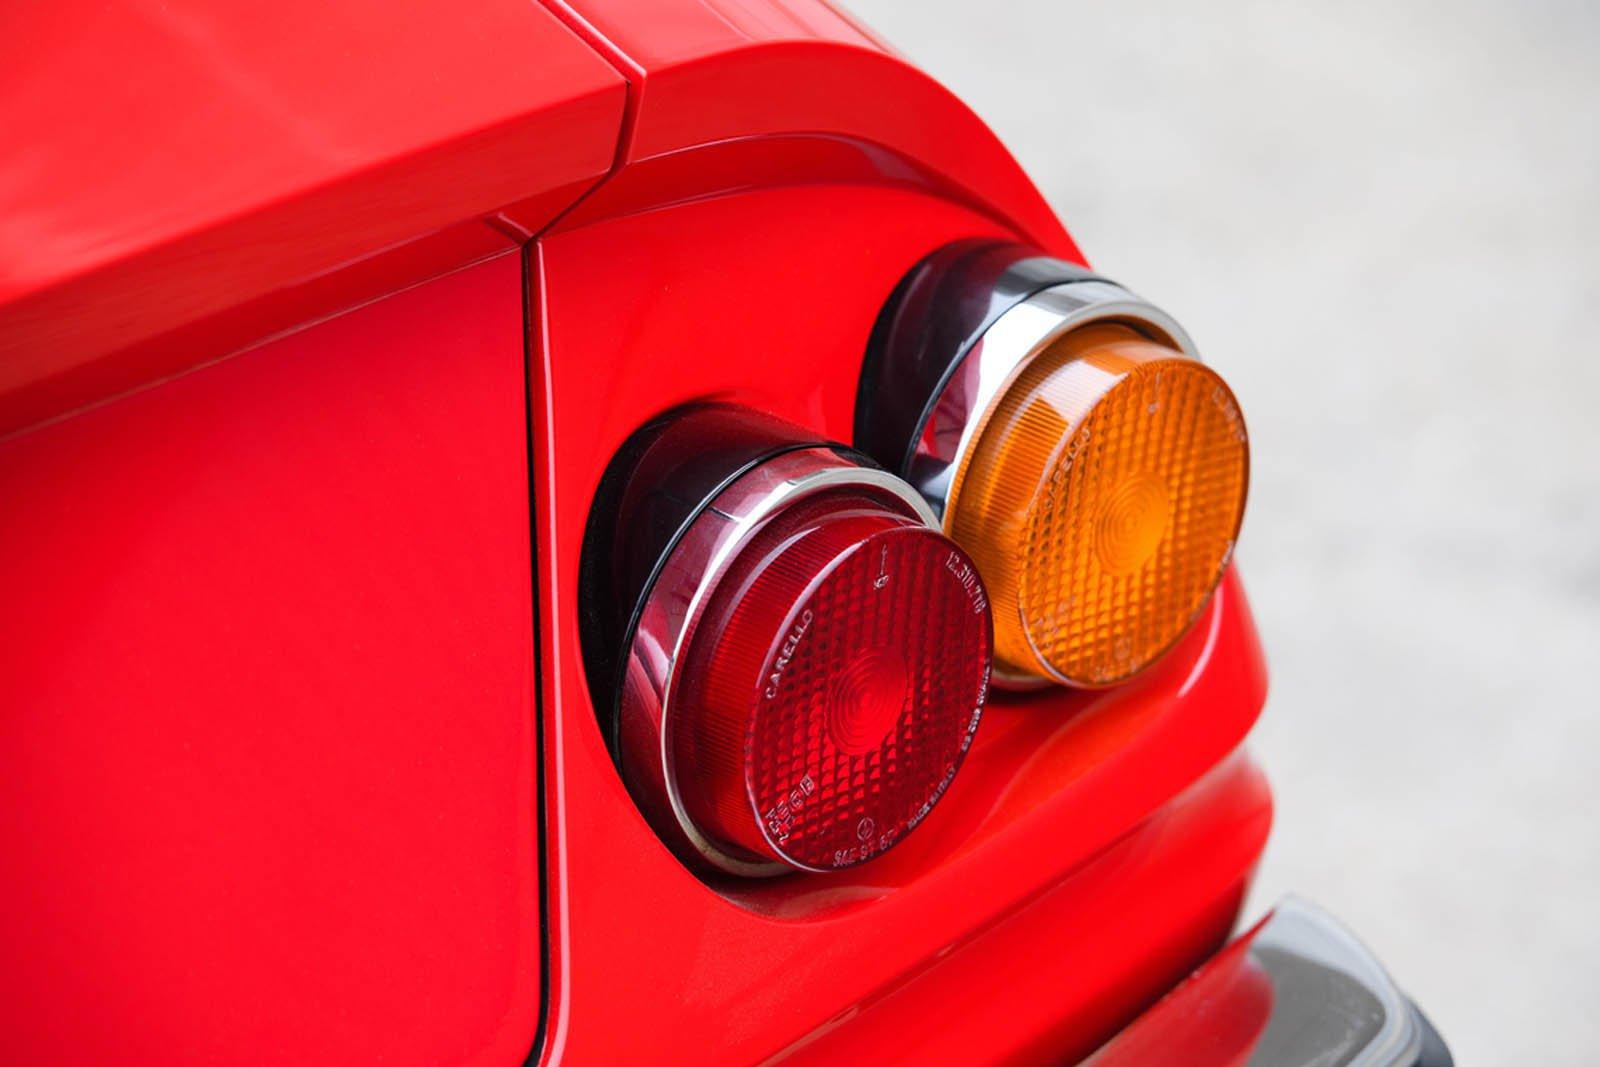 Ferrari-365-GTB4-Daytona-ex-Elton-John-6